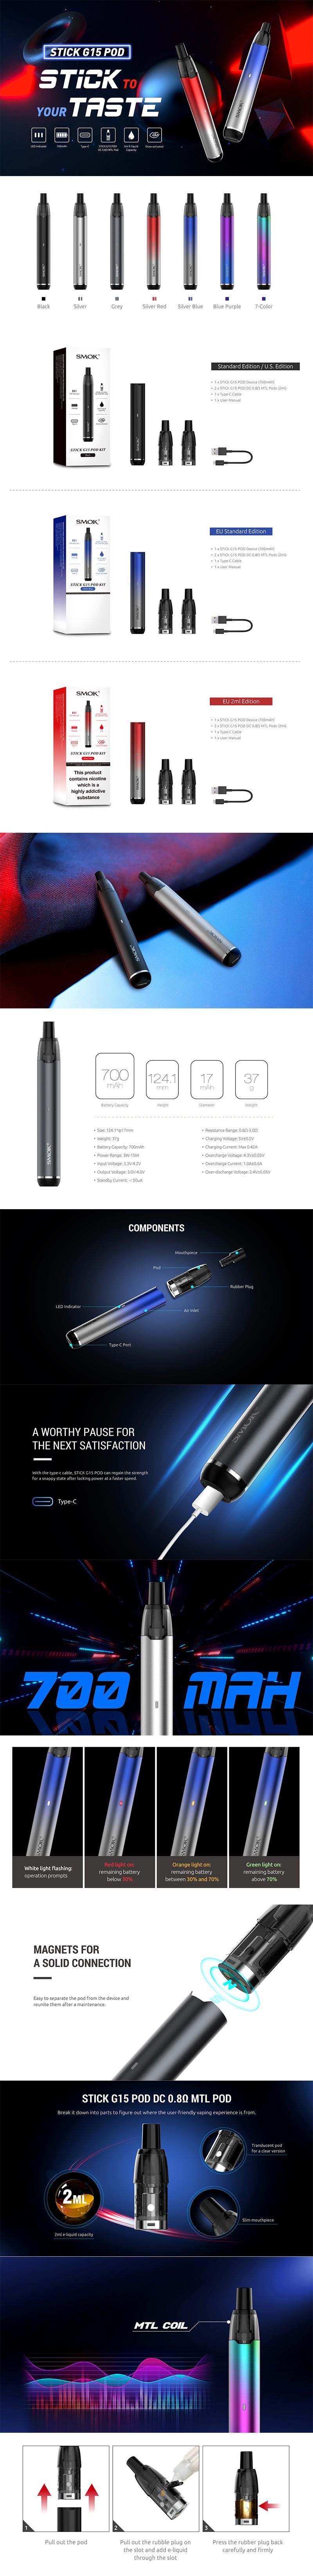 Authentic SMOKTech SMOK Stick G15 Pod System Vape Starter Kit